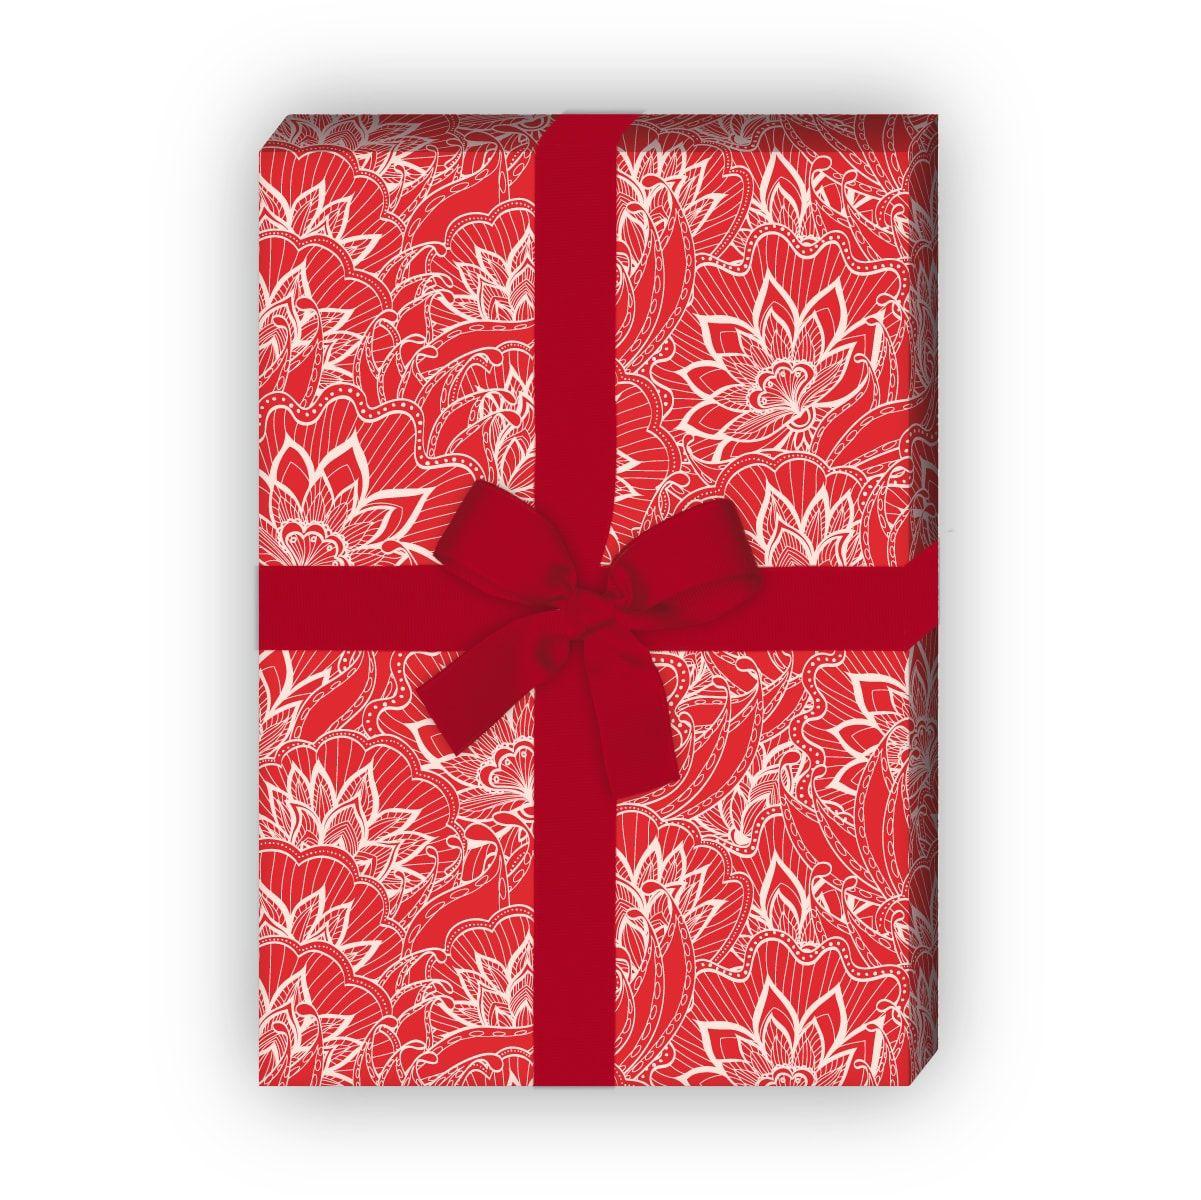 Klassisches Retro Geschenkpapier Set rot f/ür tolle Geschenk Verpackung und /Überraschungen 32 x 48cm mit grafischem Vintage Muster 4 Bogen